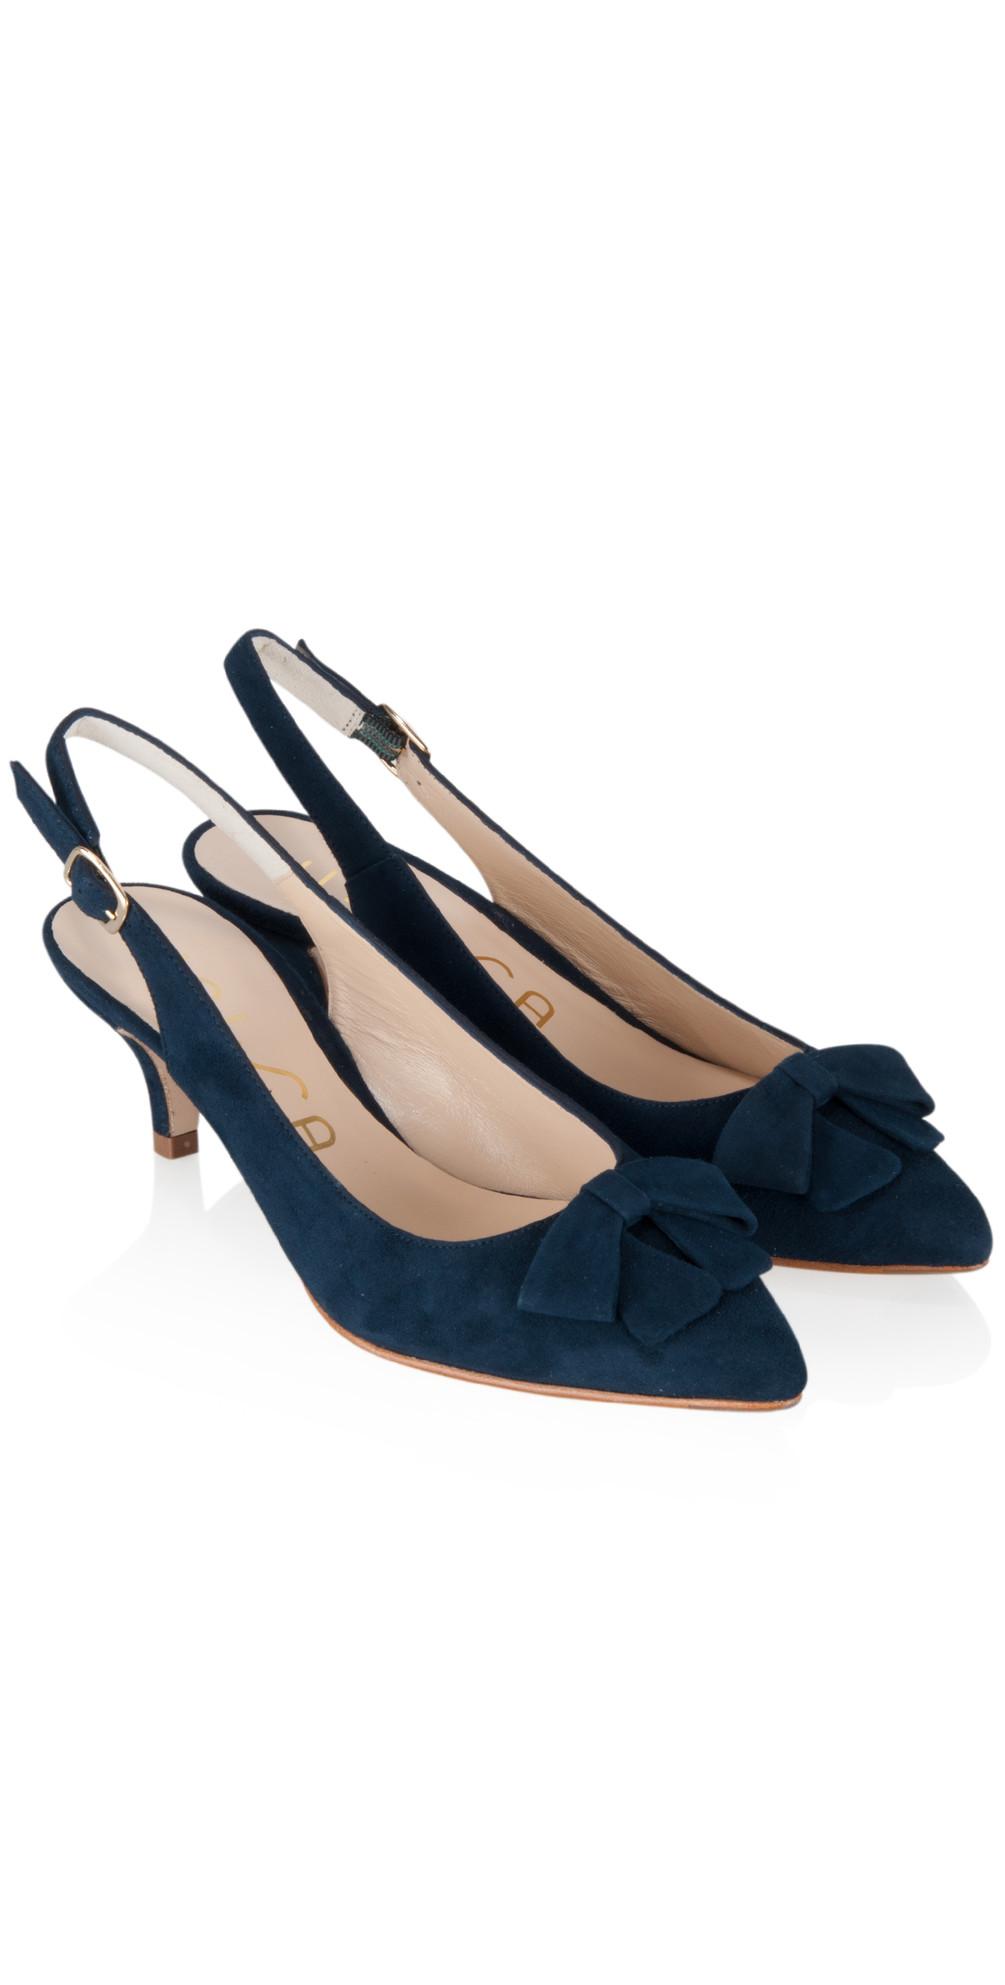 Navy Peep Toe Kitten Heel Shoes